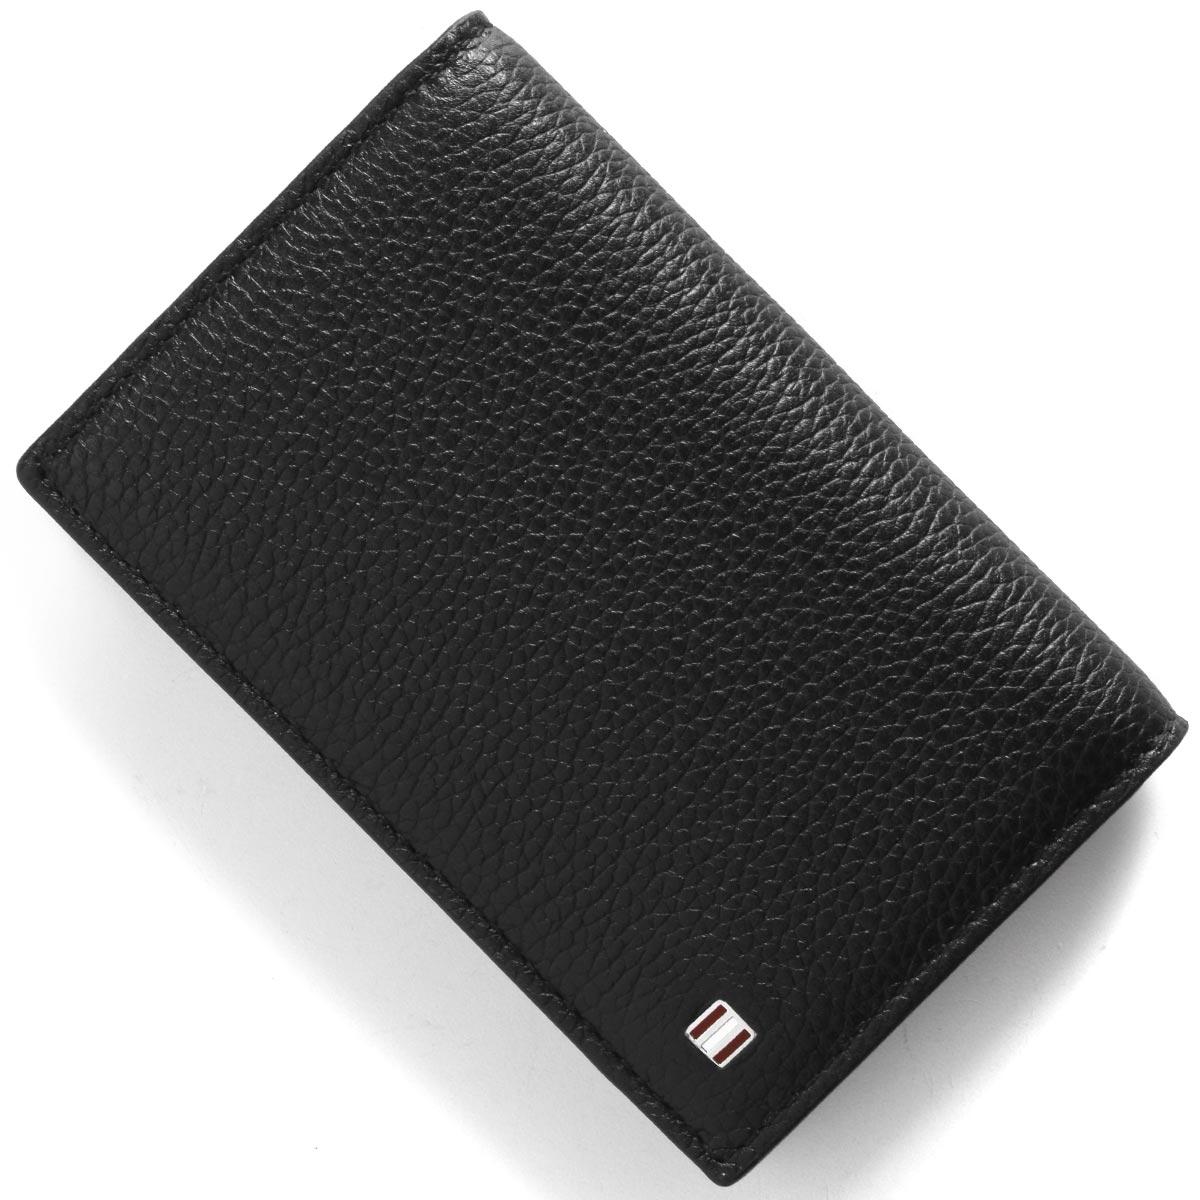 バリー カードケース/名刺入れ メンズ ガレー ブラック GALEE 10 6228847 BALLY